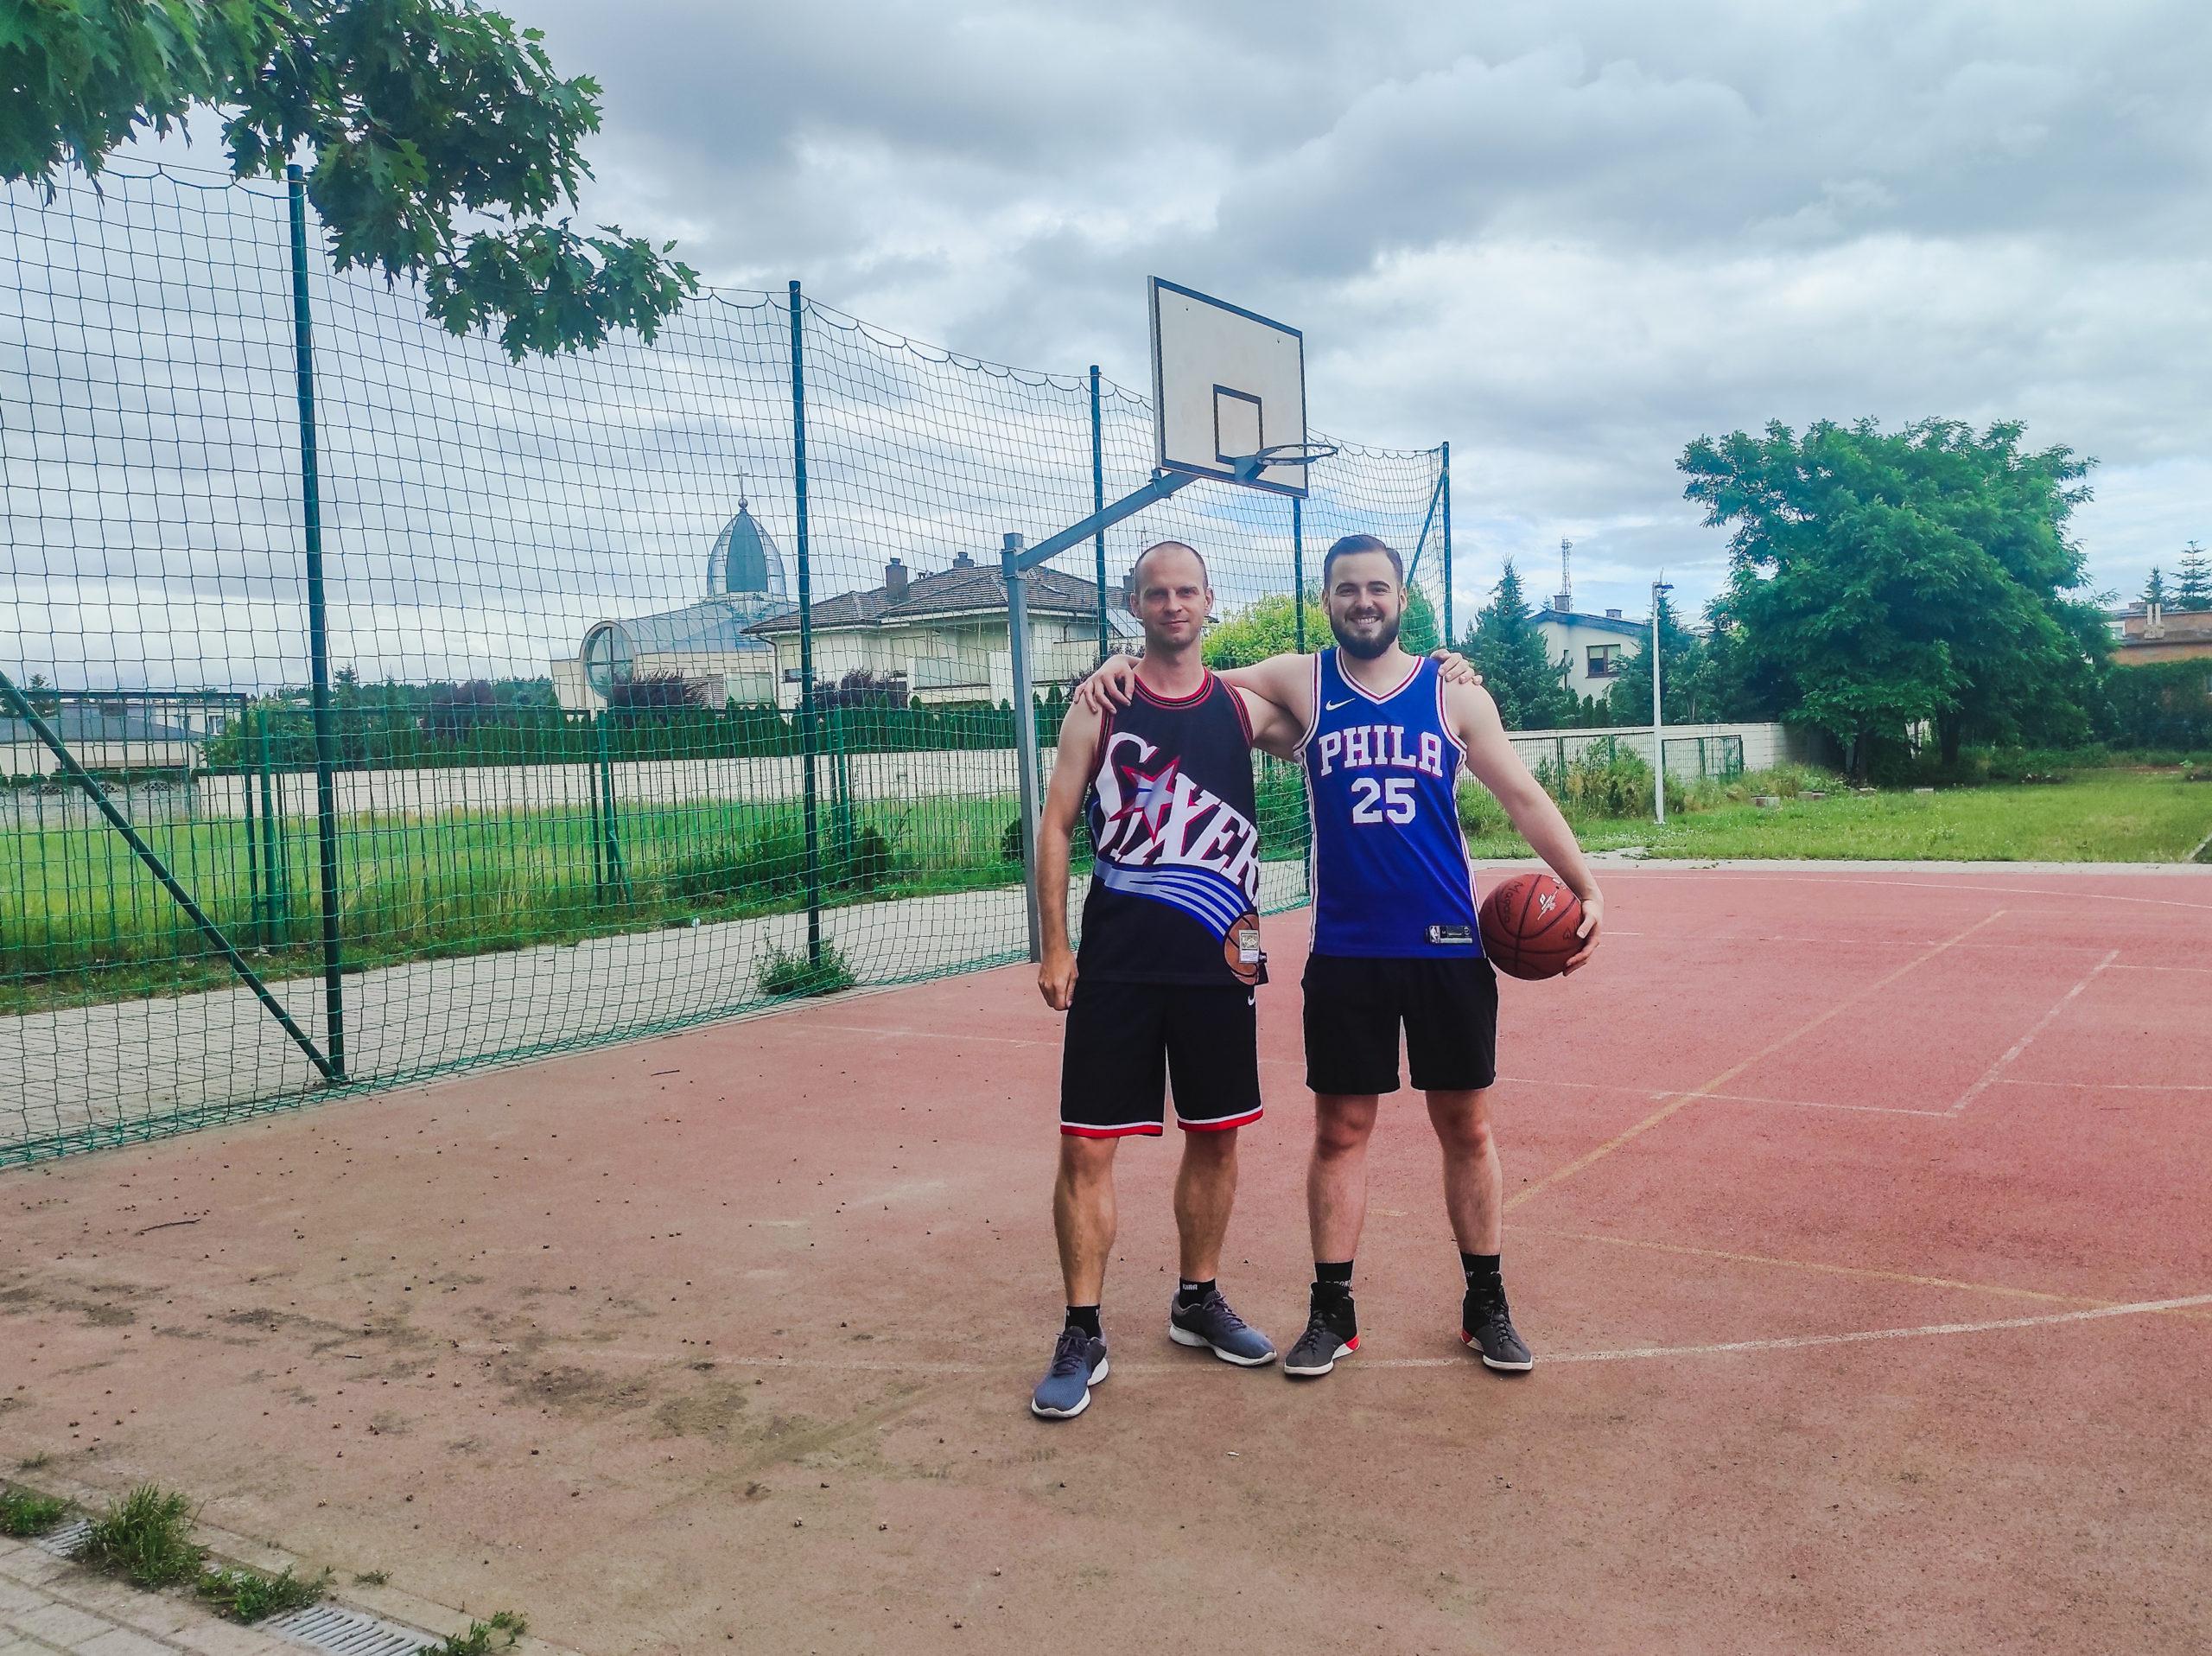 Tomek i Mateusz - twórca strony i zastępca red. naczelnego podczas spotkania na żywo - Poznań, czerwiec 2021